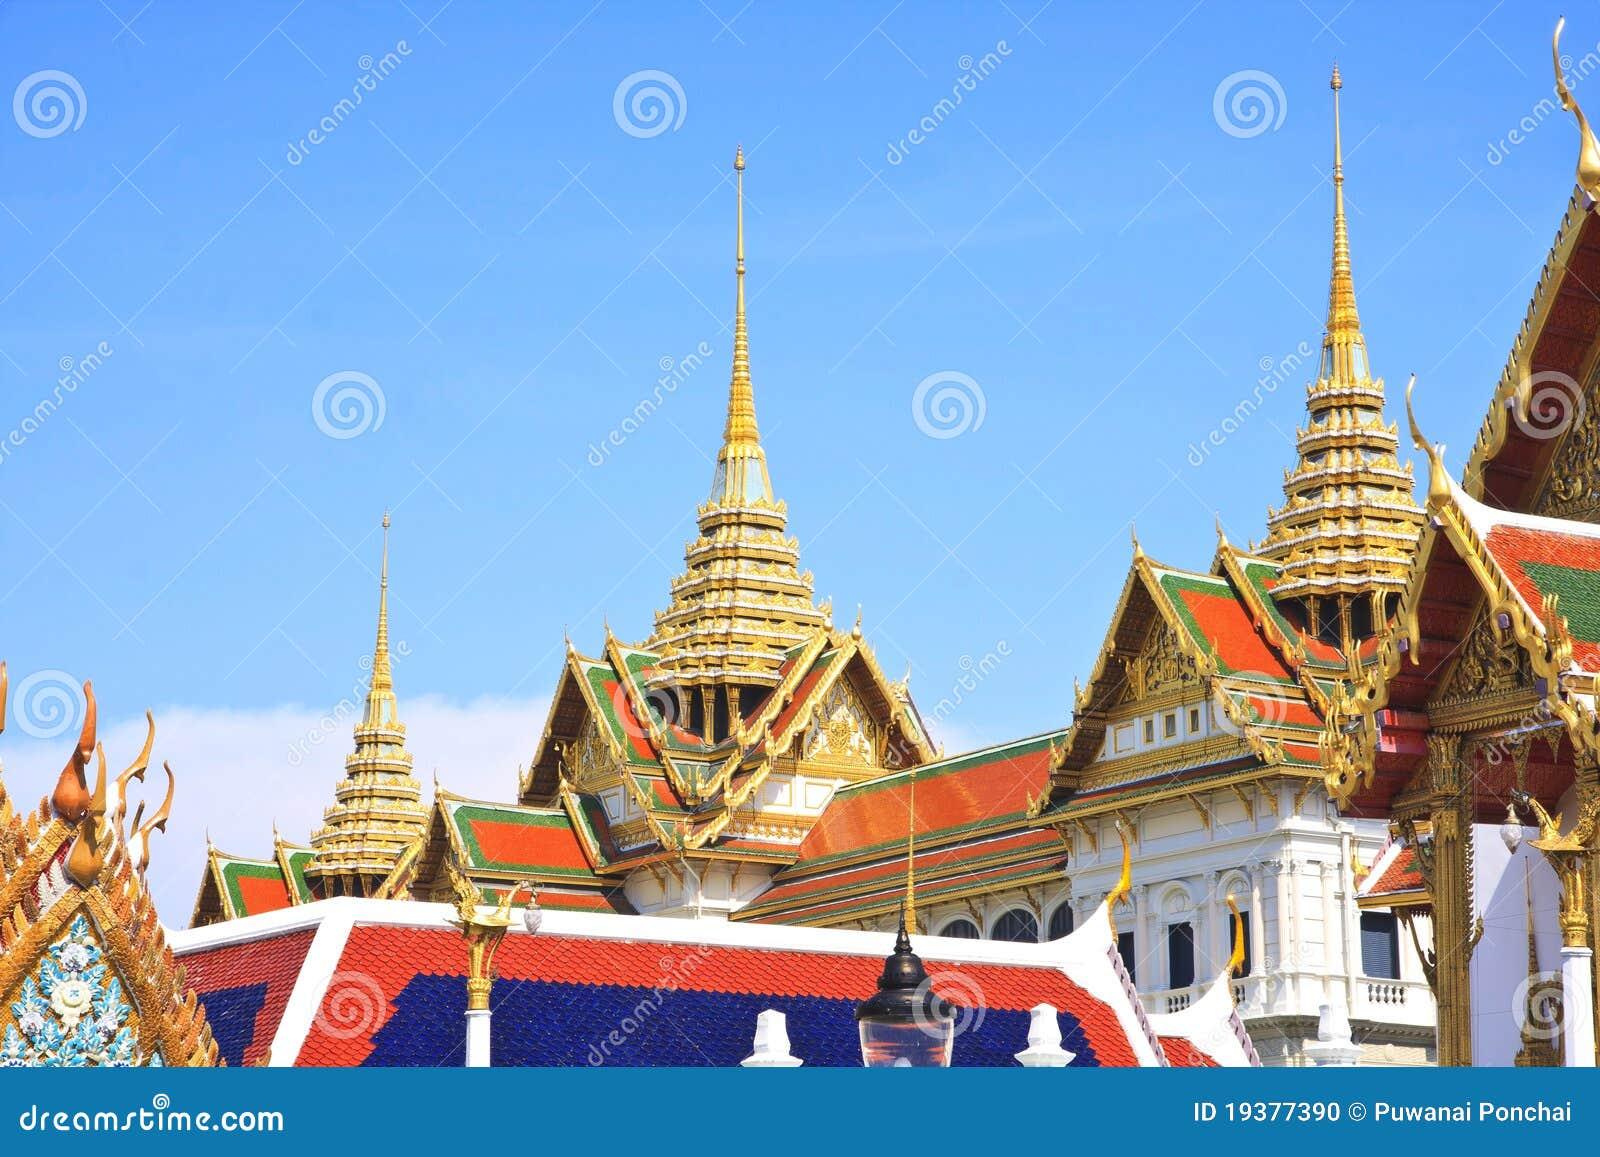 La borne limite célèbre de Bangkok. Le palais grand